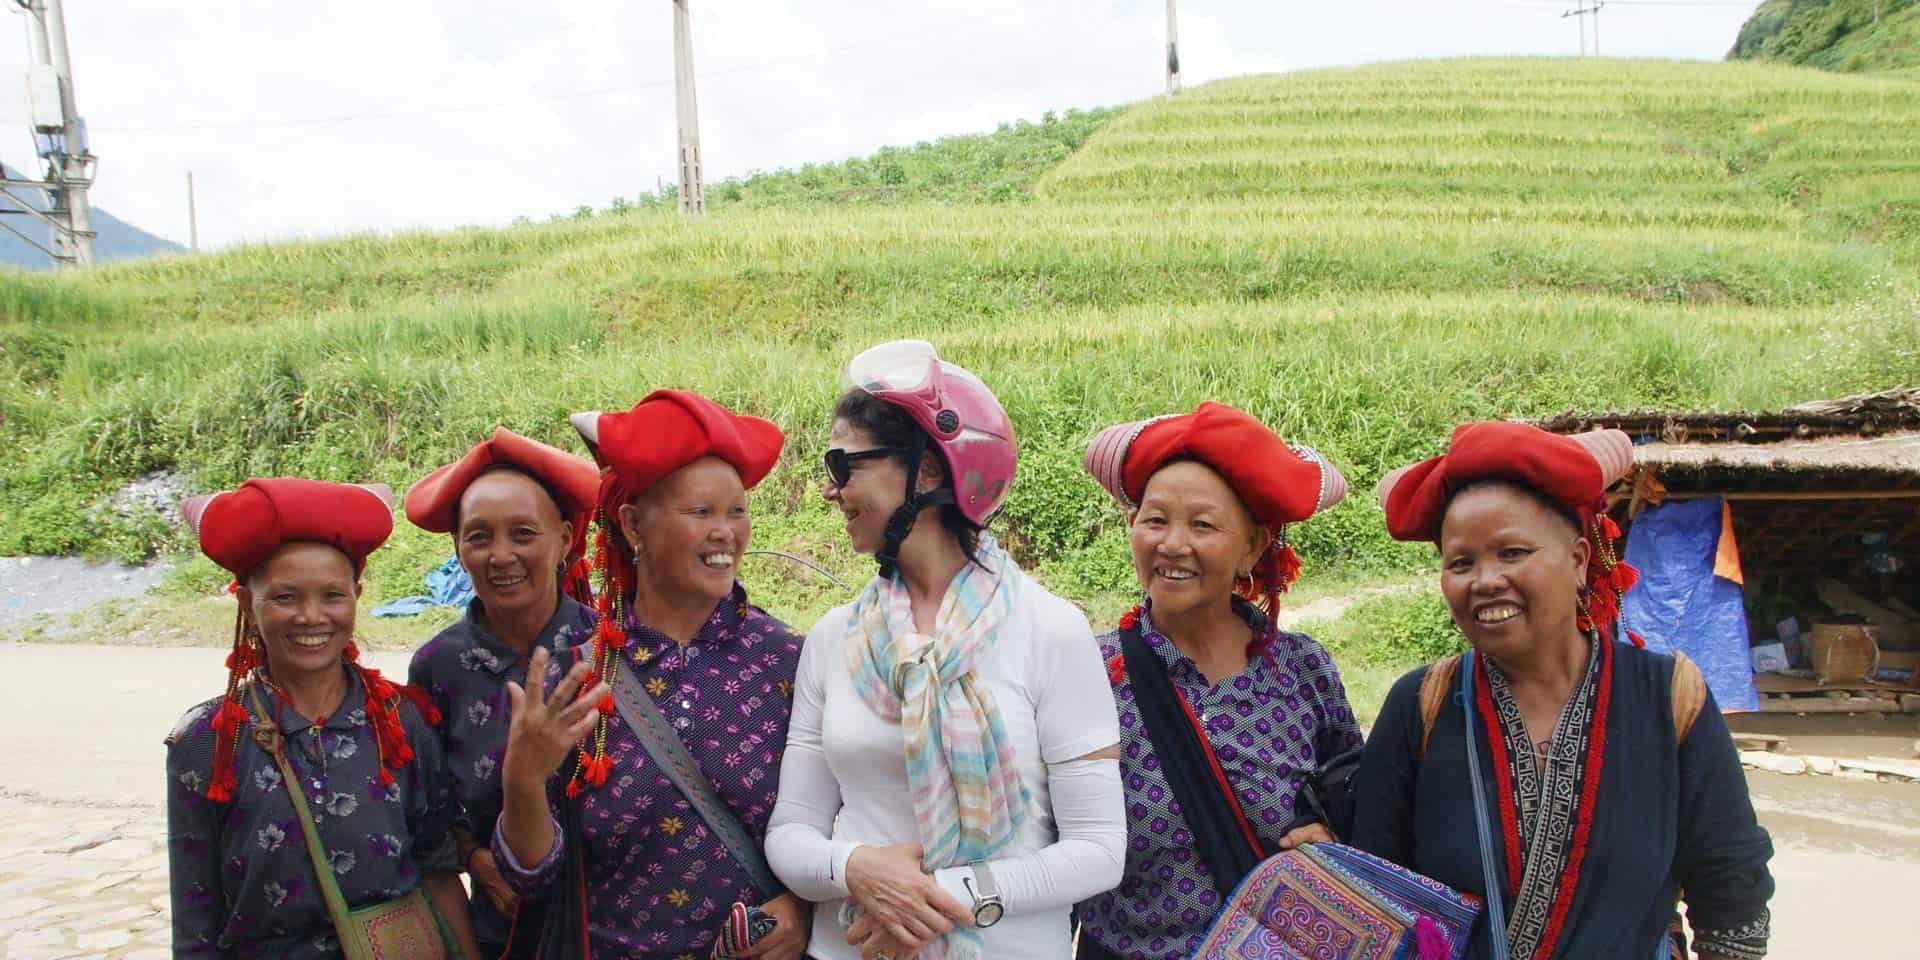 comment préparer les vêtements pour voyager au vietnam?